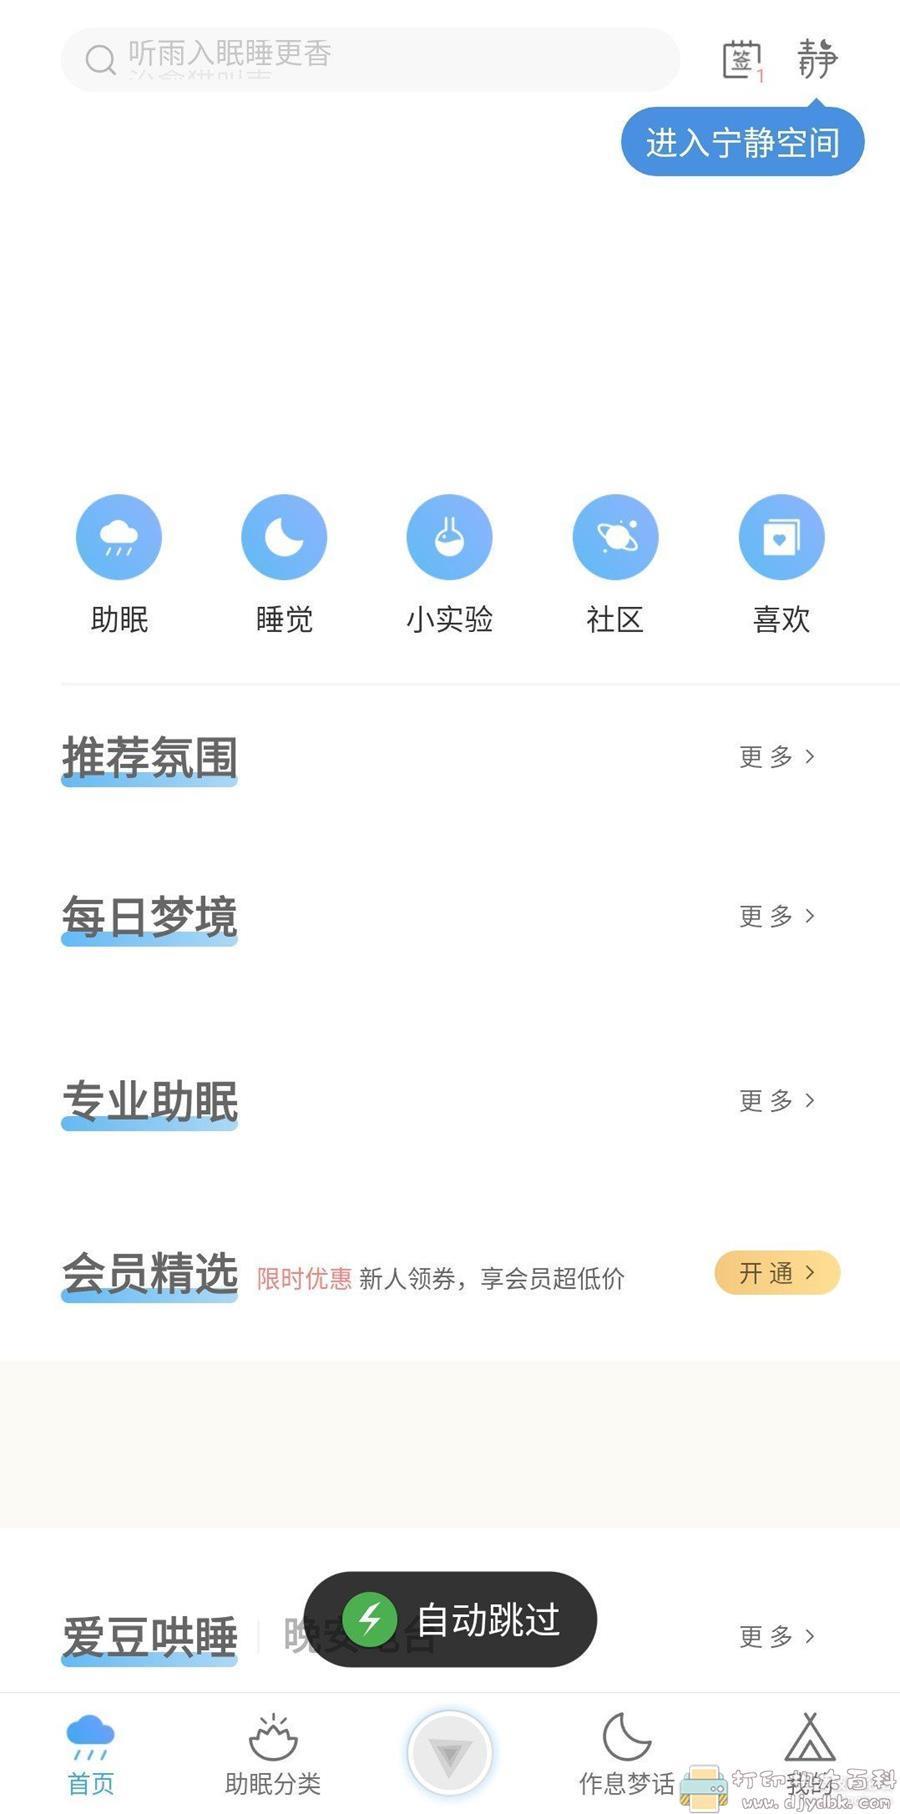 [Android]【轻启动】自动跳过应用启动广告图片 No.3